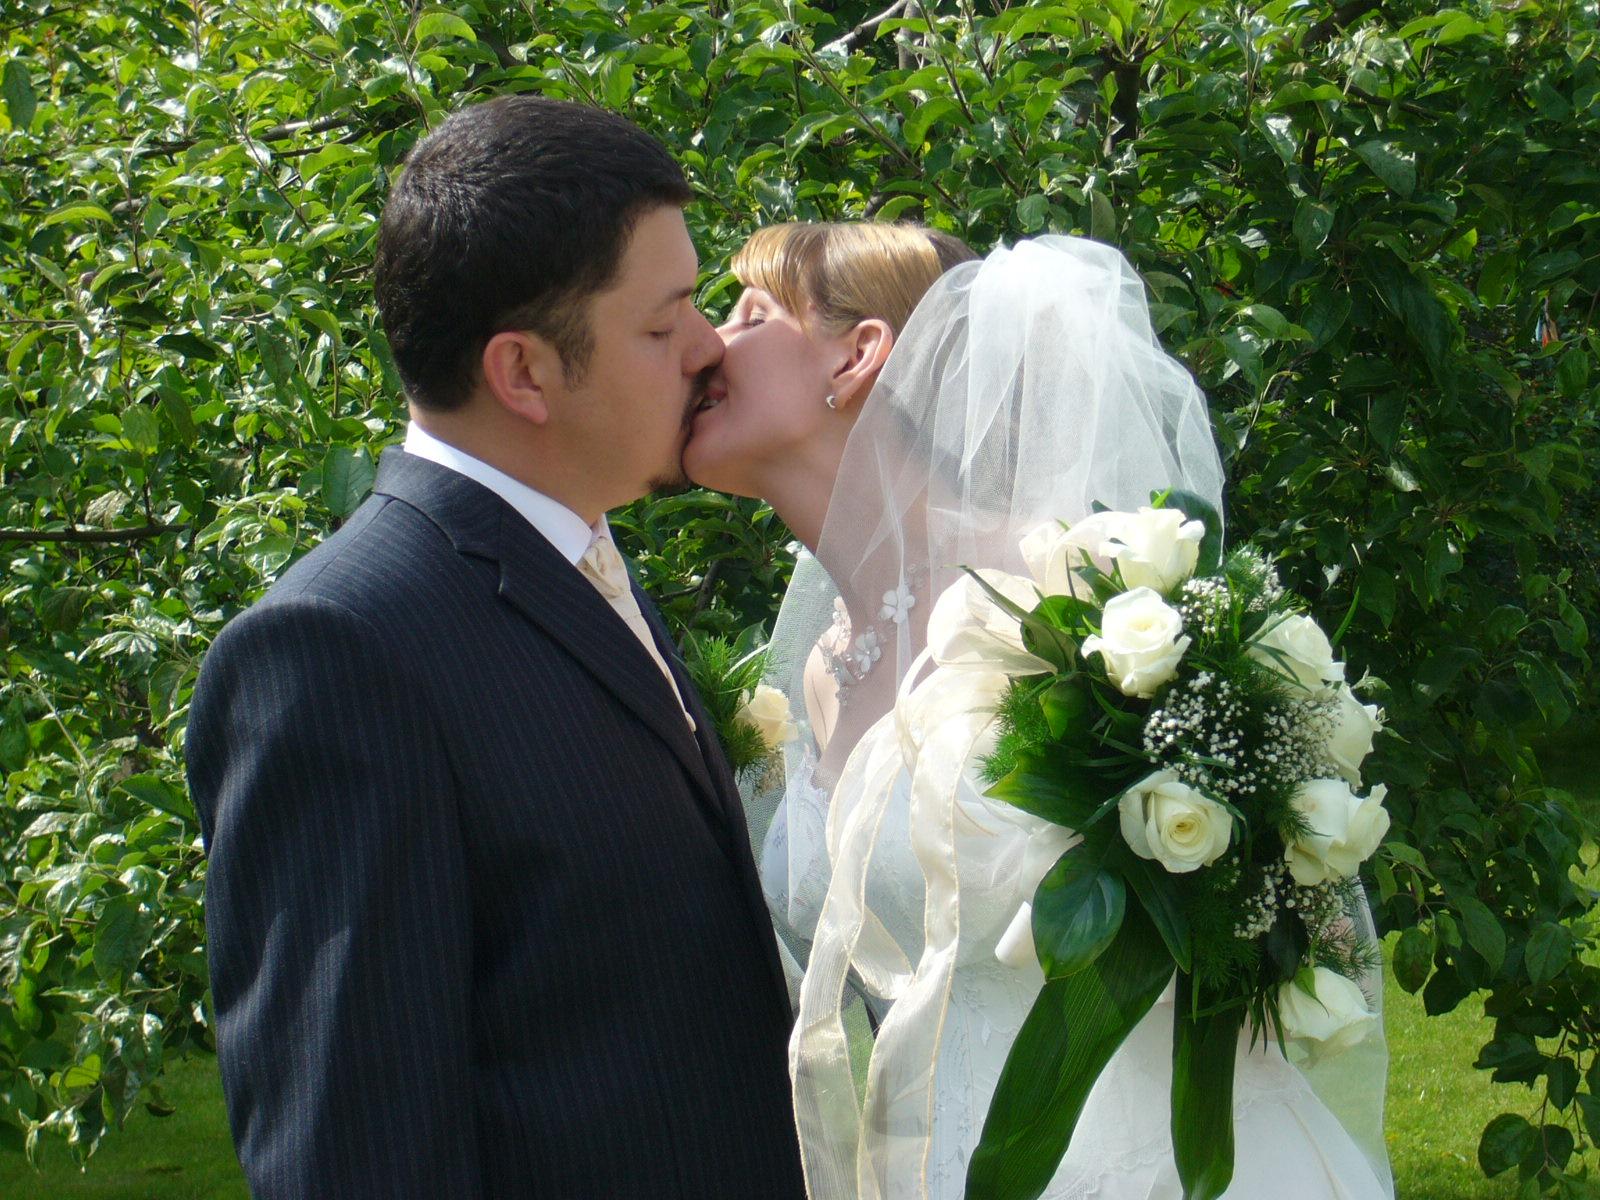 8 lat randki i bez małżeństwa randki jeszcze raz, ale tęsknię za moim byłym